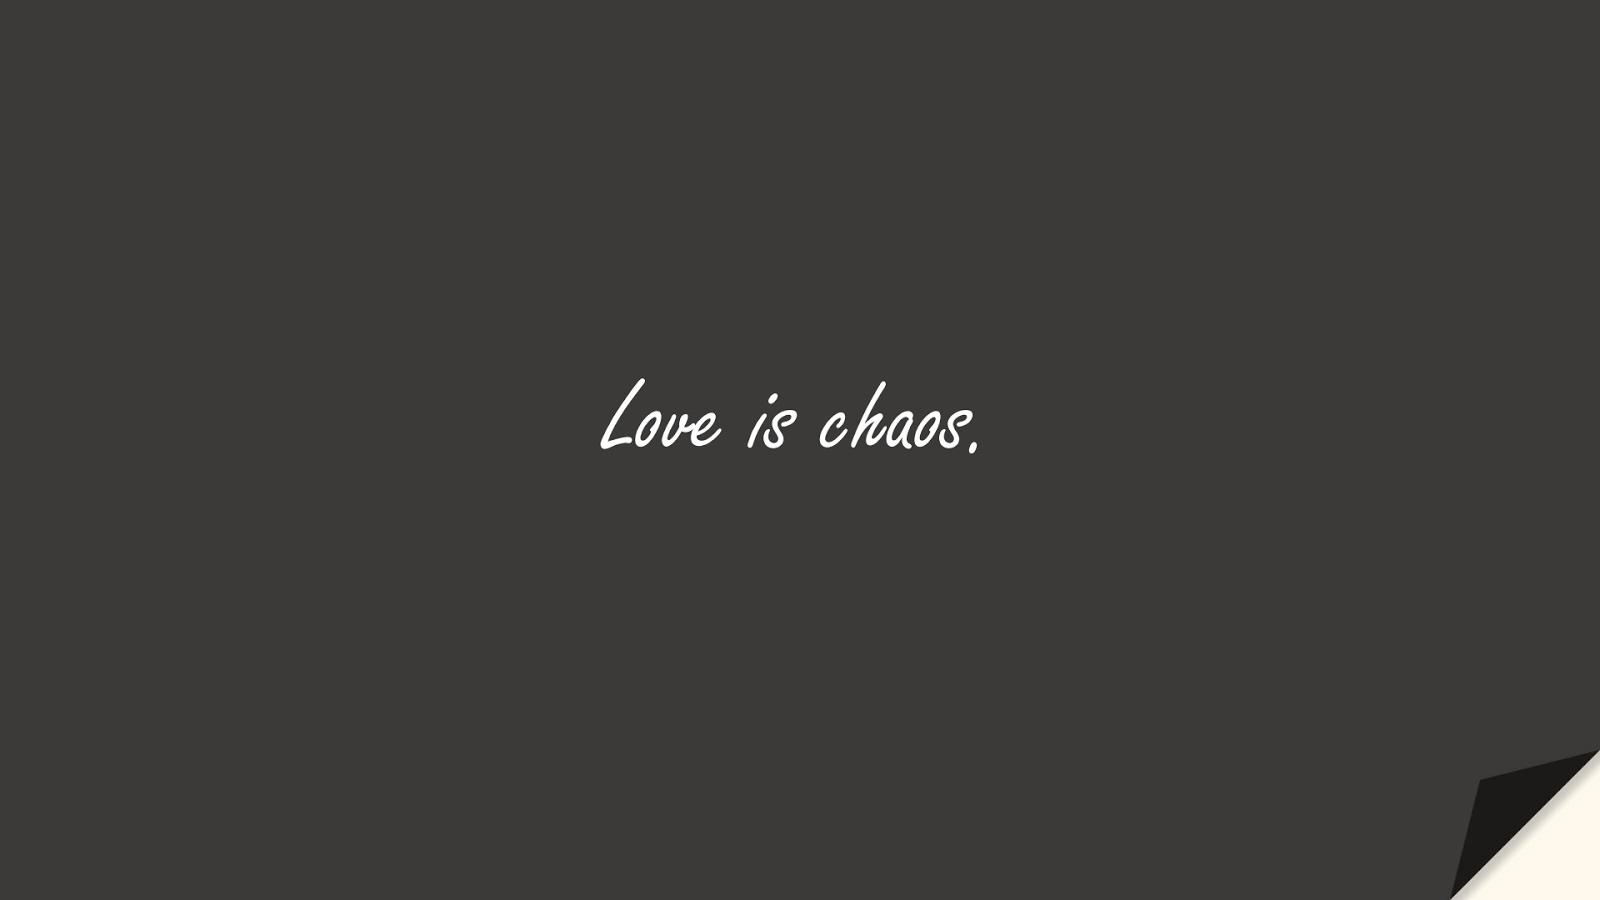 Love is chaos.FALSE